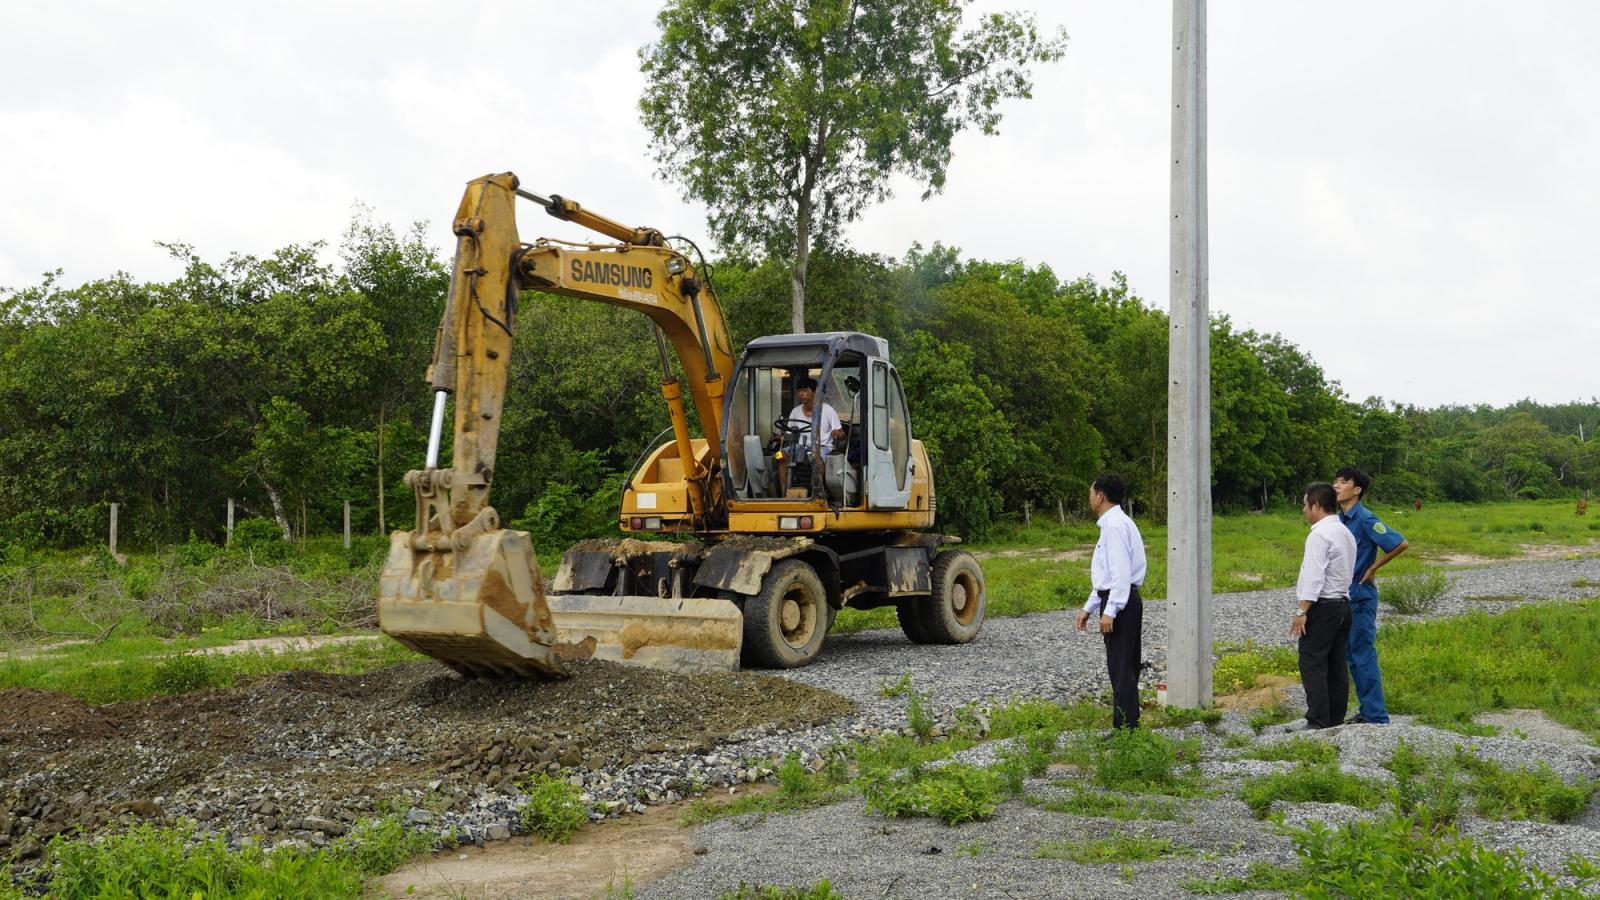 Máy xúc phá dỡ đường trong dự án đất nông nghiệp phân lô, ba người đàn ông đứng xem.